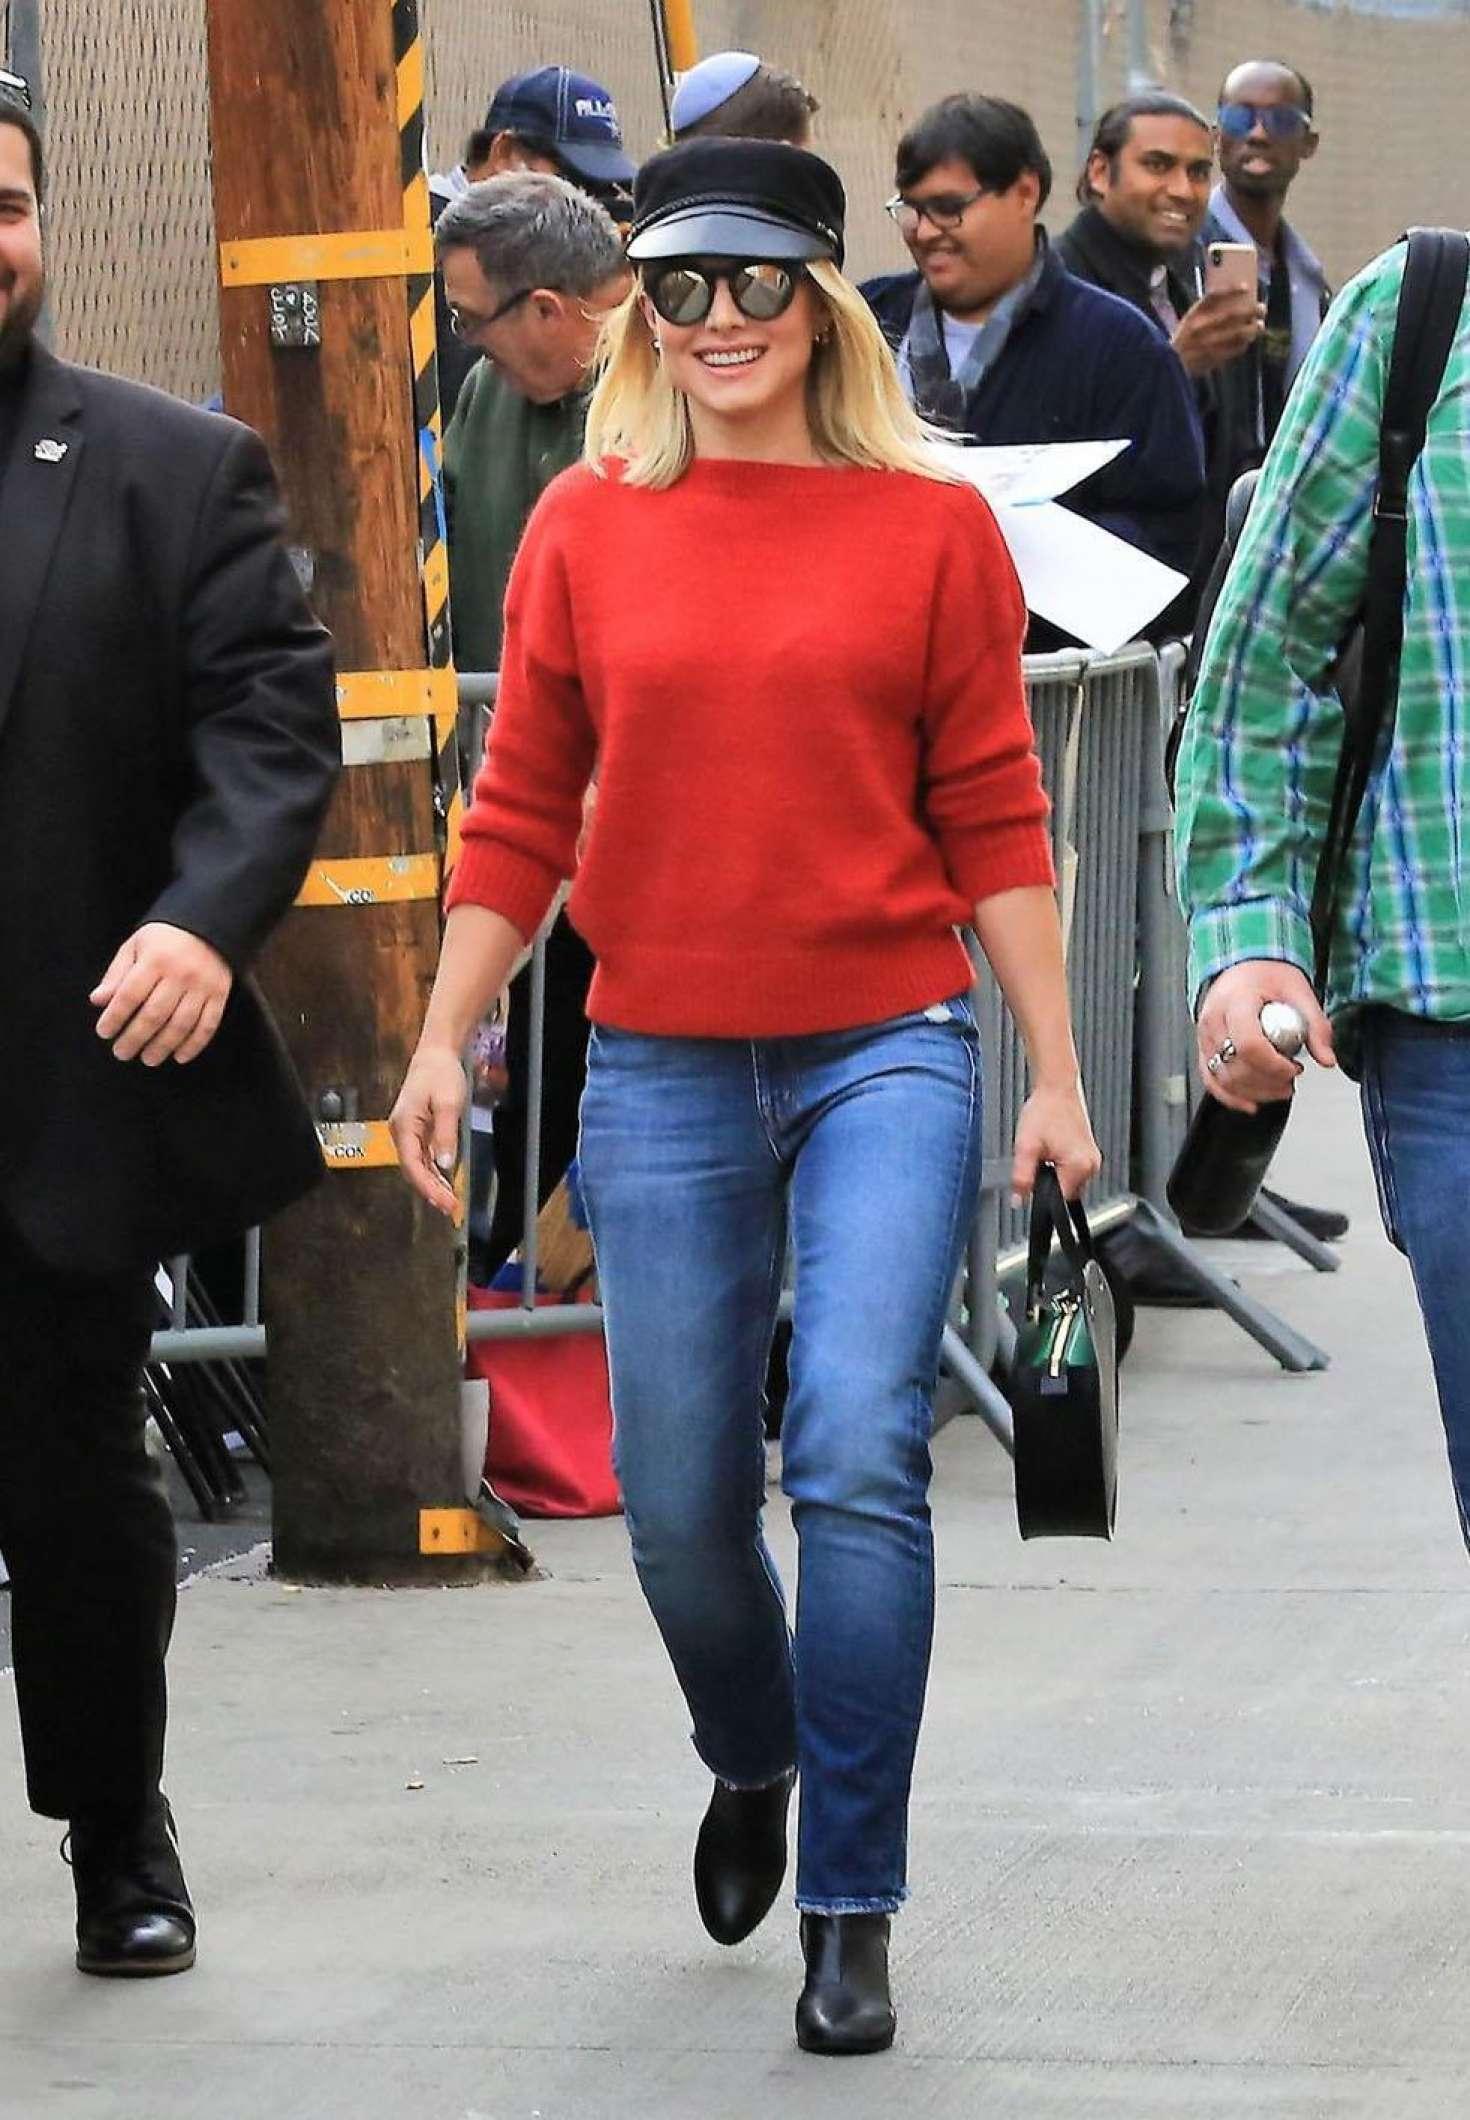 Kristen Bell 2018 : Kristen Bell: Arriving at Jimmy Kimmel Live -02